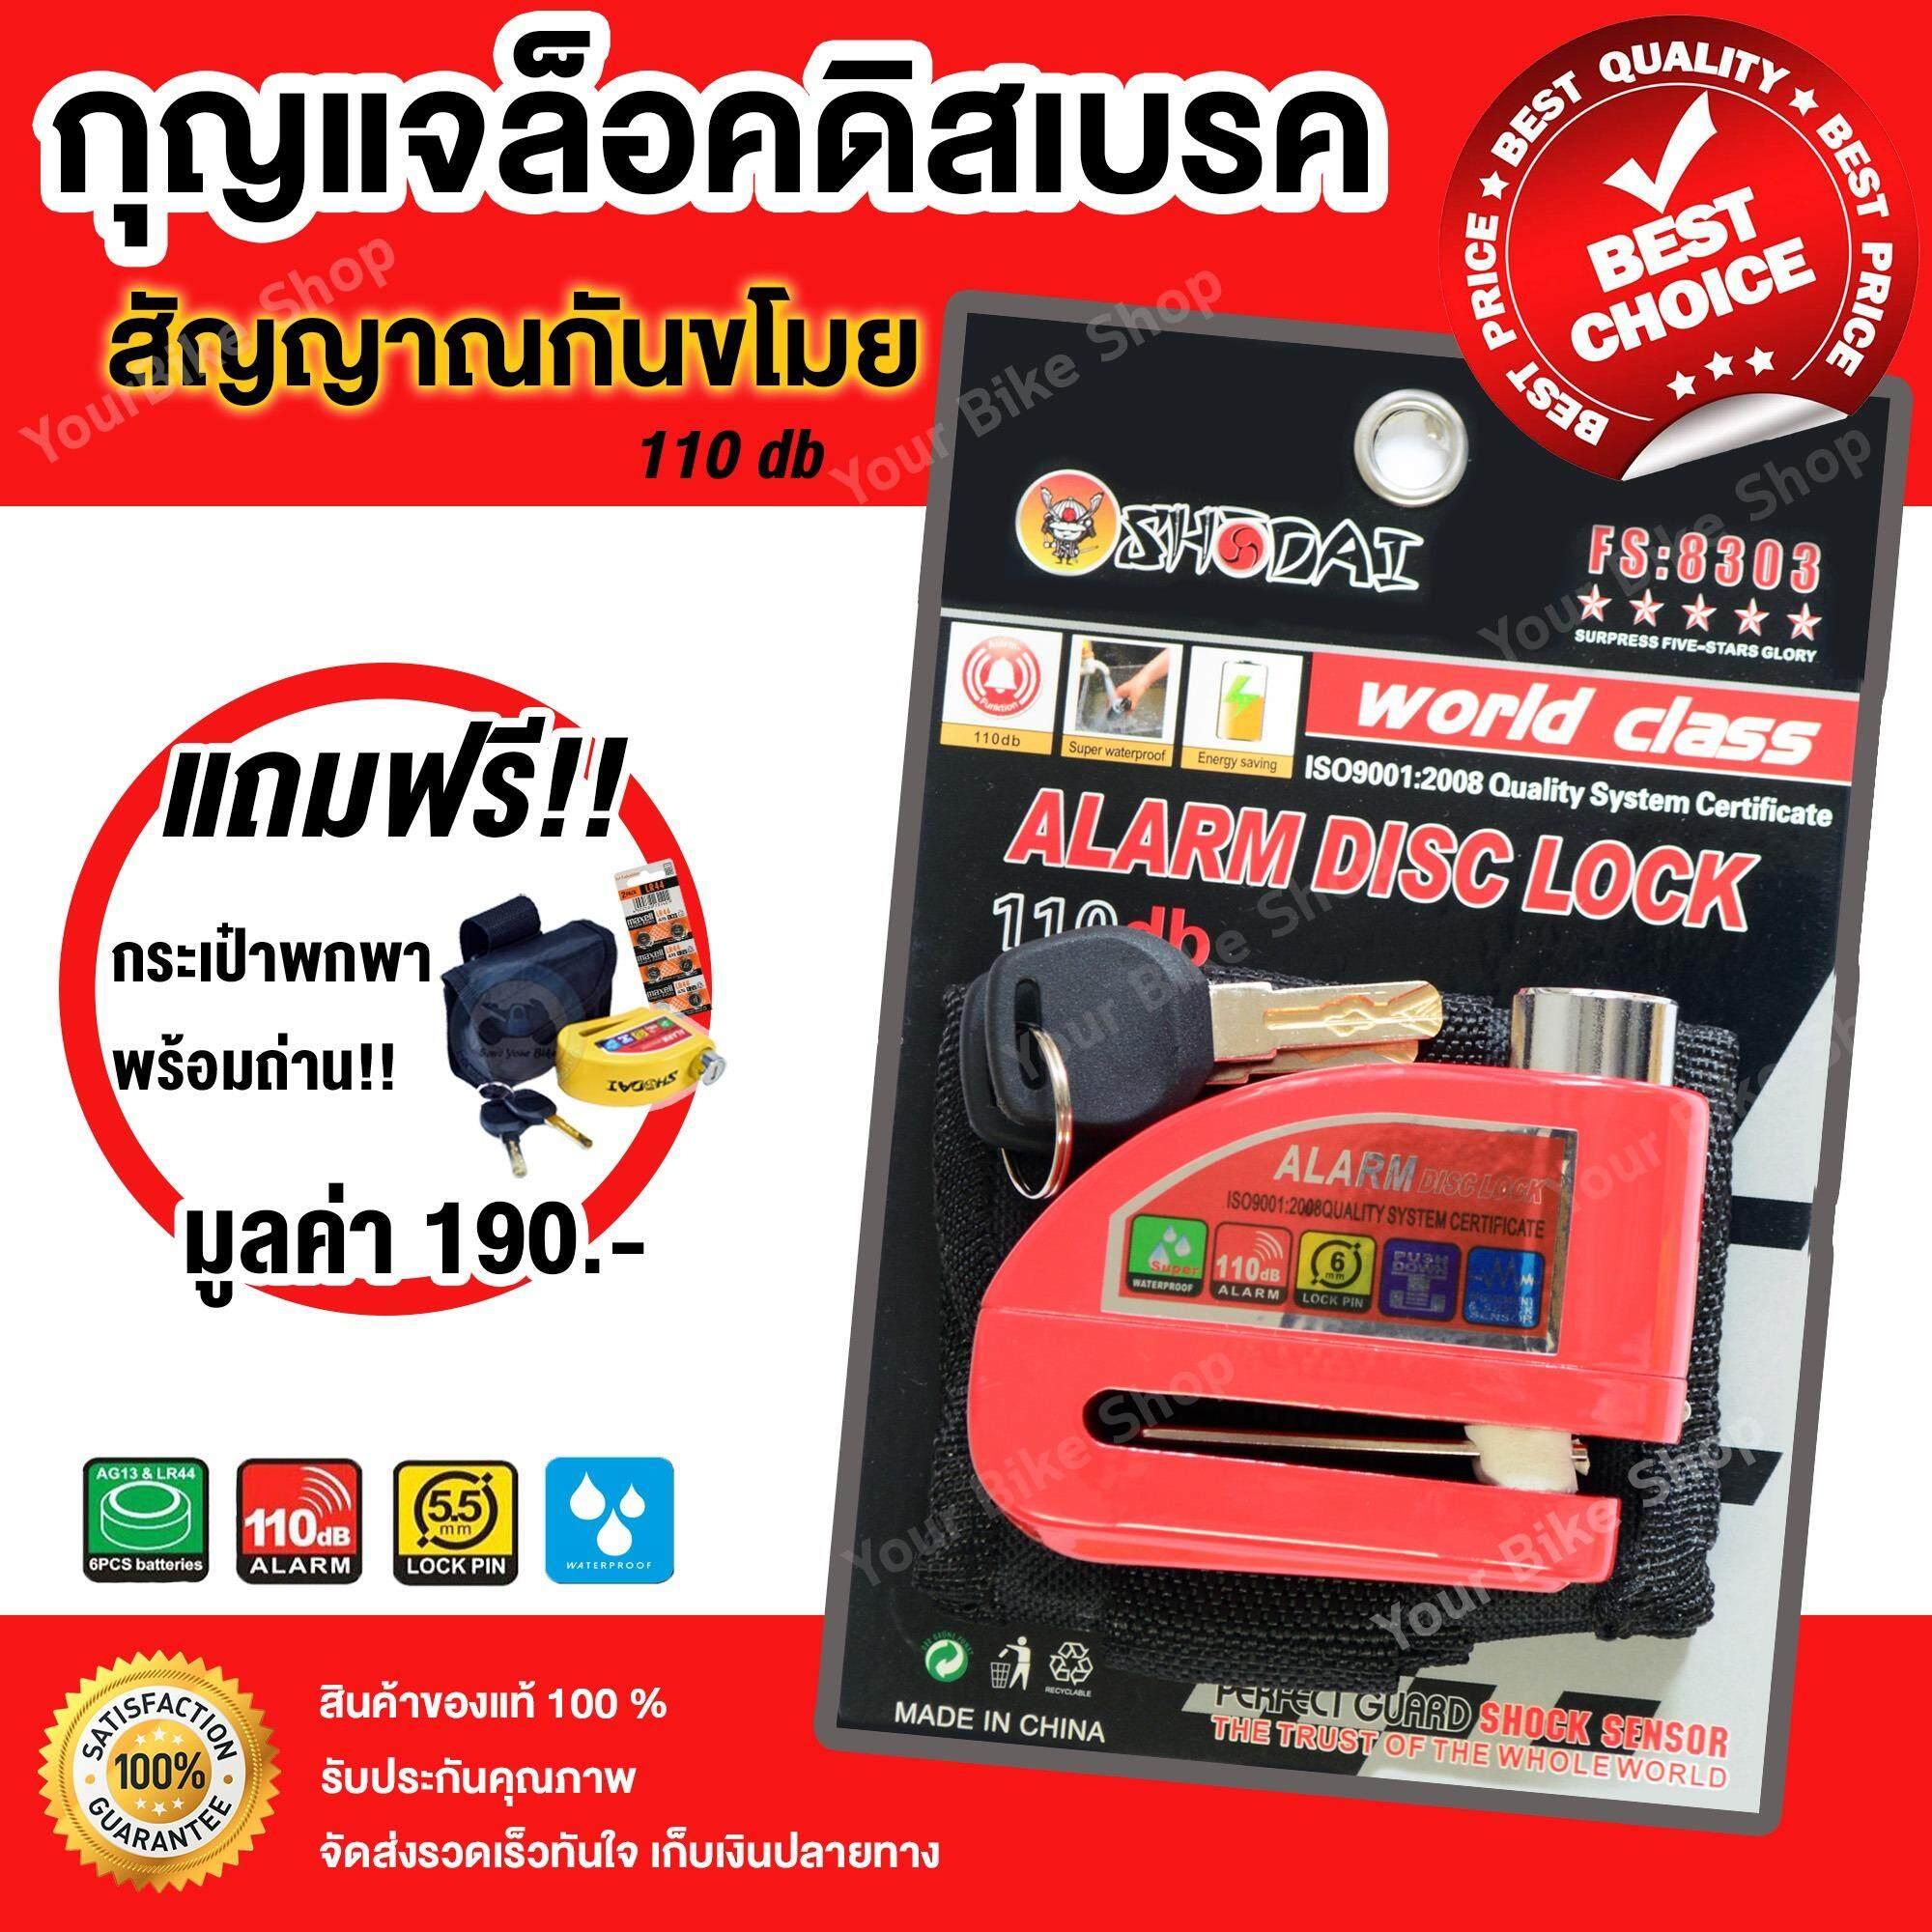 ซื้อ ล็อคดิสเบรค กุญแจ ล็อคดิส มอเตอร์ไซด์ รถจักรยานยนต์ มีเสียง กันขโมย กันน้ำ Shodai 110 Db Red Color Shodai